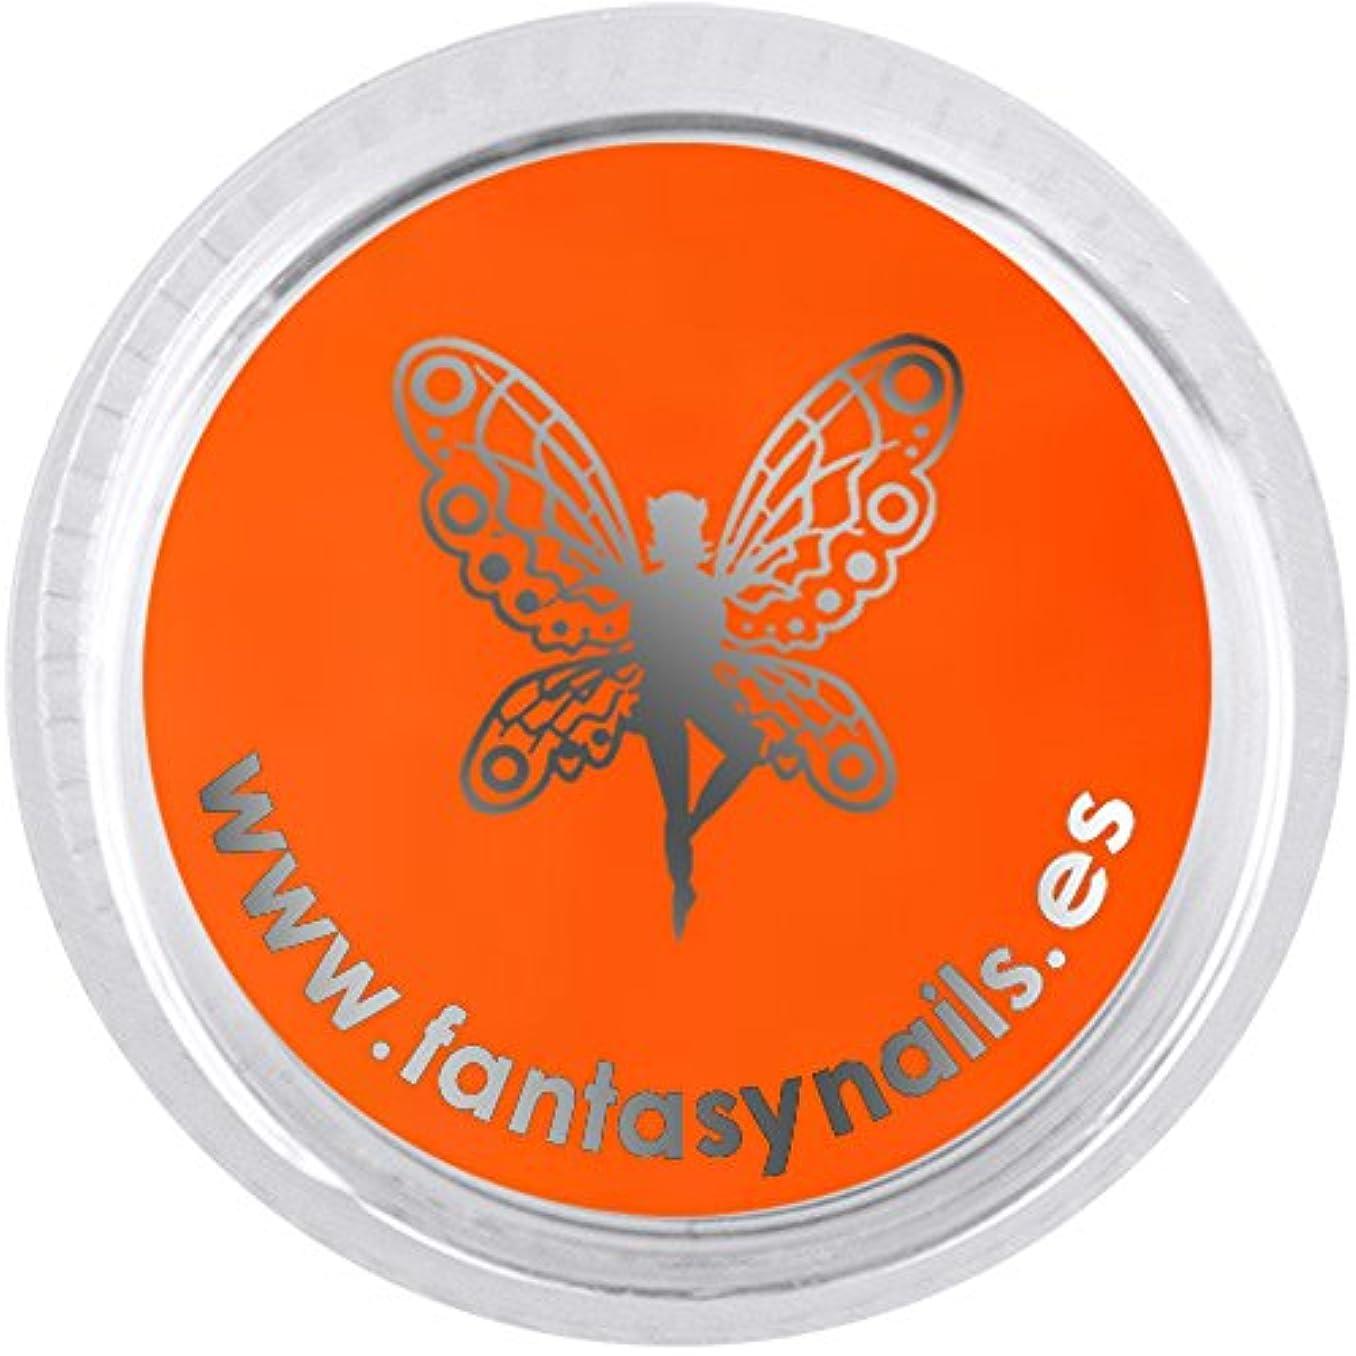 カストディアンデコラティブ土器FANTASY NAIL フラワーコレクション 3g 4754XS カラーパウダー アート材